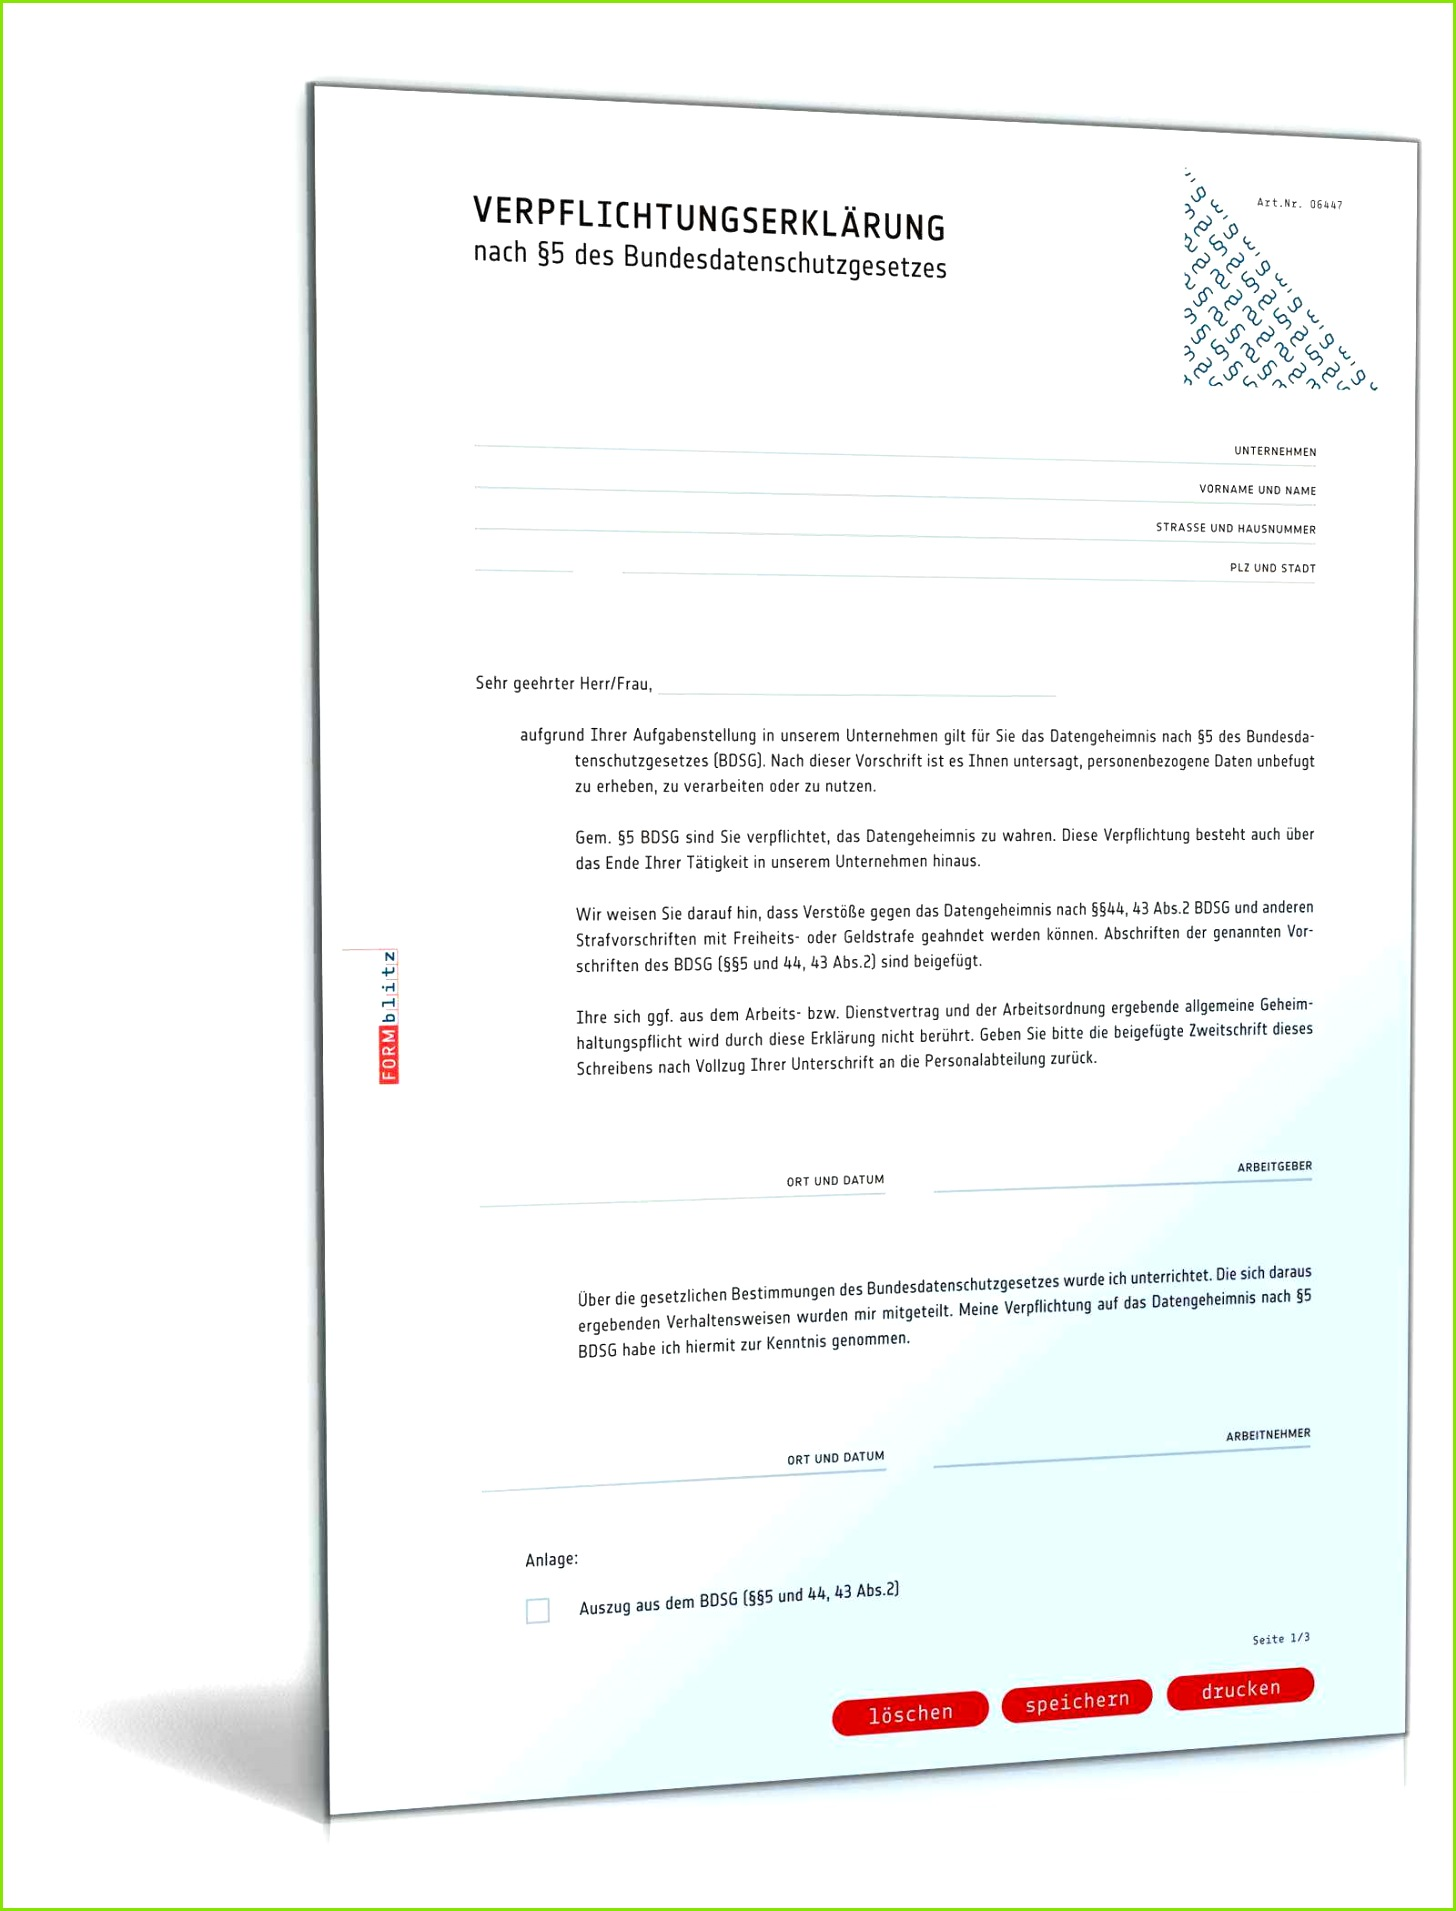 Vertraulichkeitsvereinbarung Muster Detaillierte Mitarbeiter formulare Vorlagen] 100 Numbers Vorlage 32 Druckbare Vertraulichkeitsvereinbarung